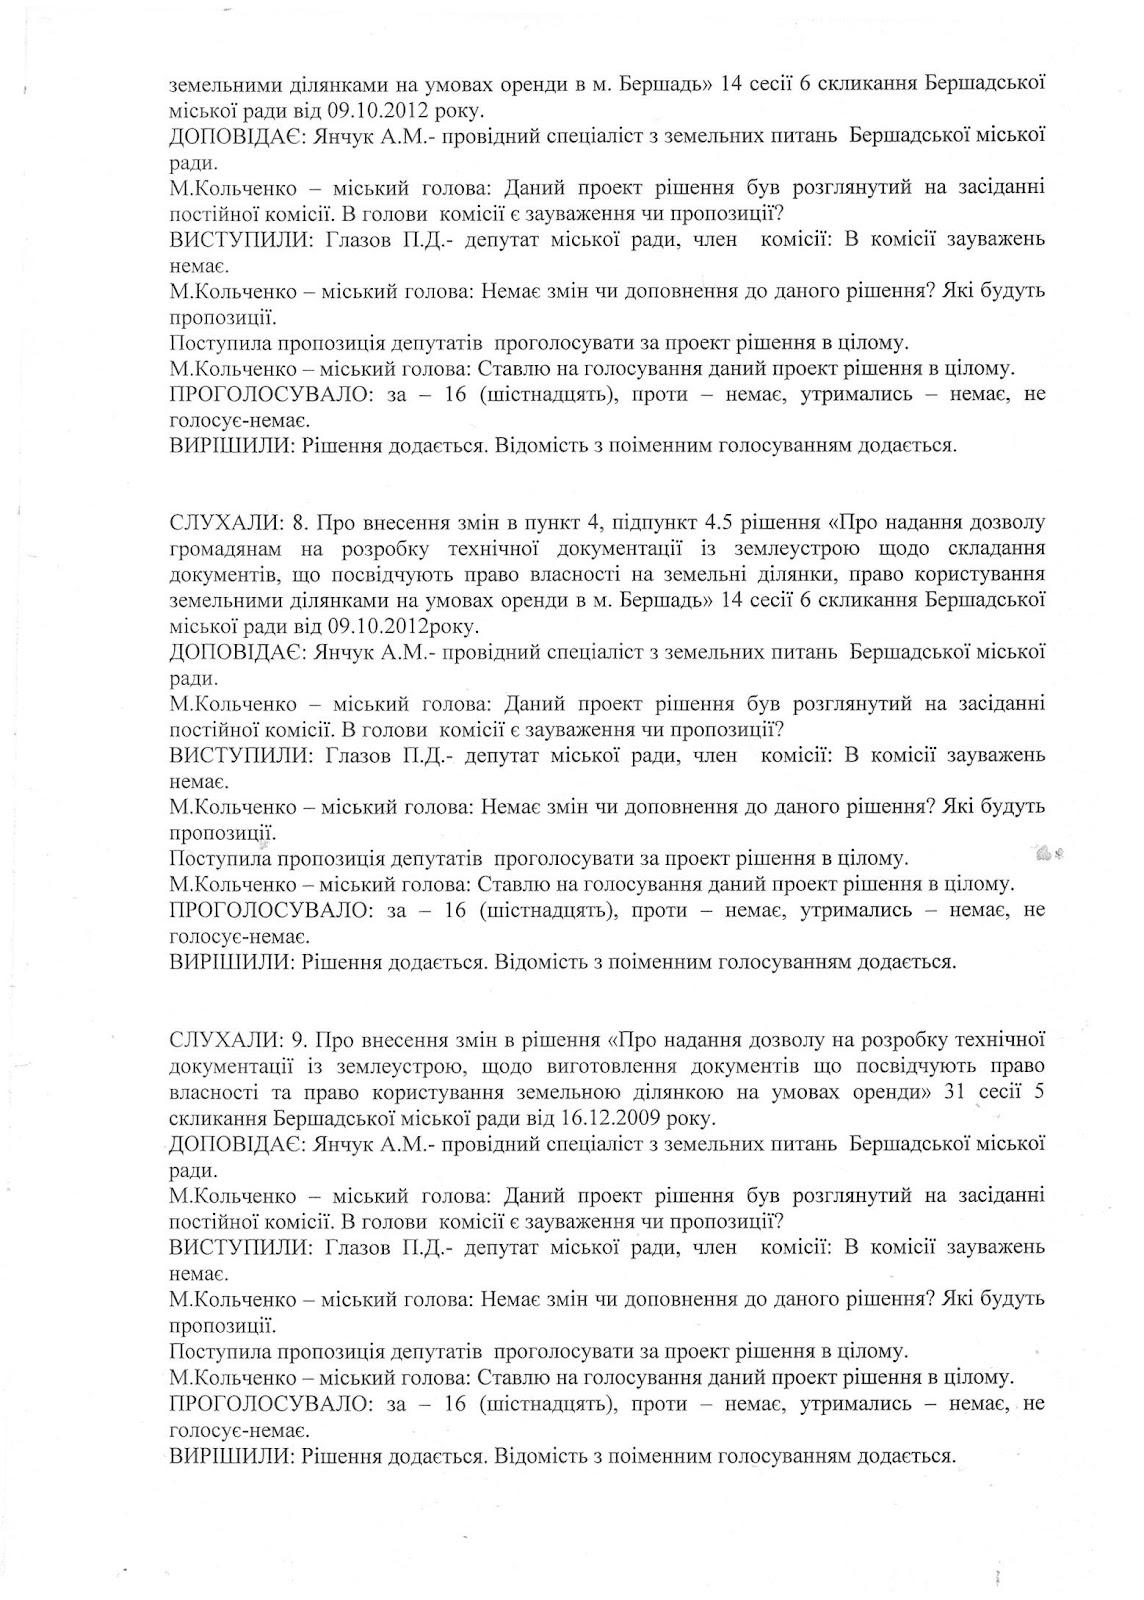 C:\Users\Администратор\Desktop\Сесії\СЕСІЇ 7 СКЛИКАННЯ\30 сесія 7 скликання\30 сесія 7 скликання\протокол\30 сесія 7 скликання - 0008.jpg